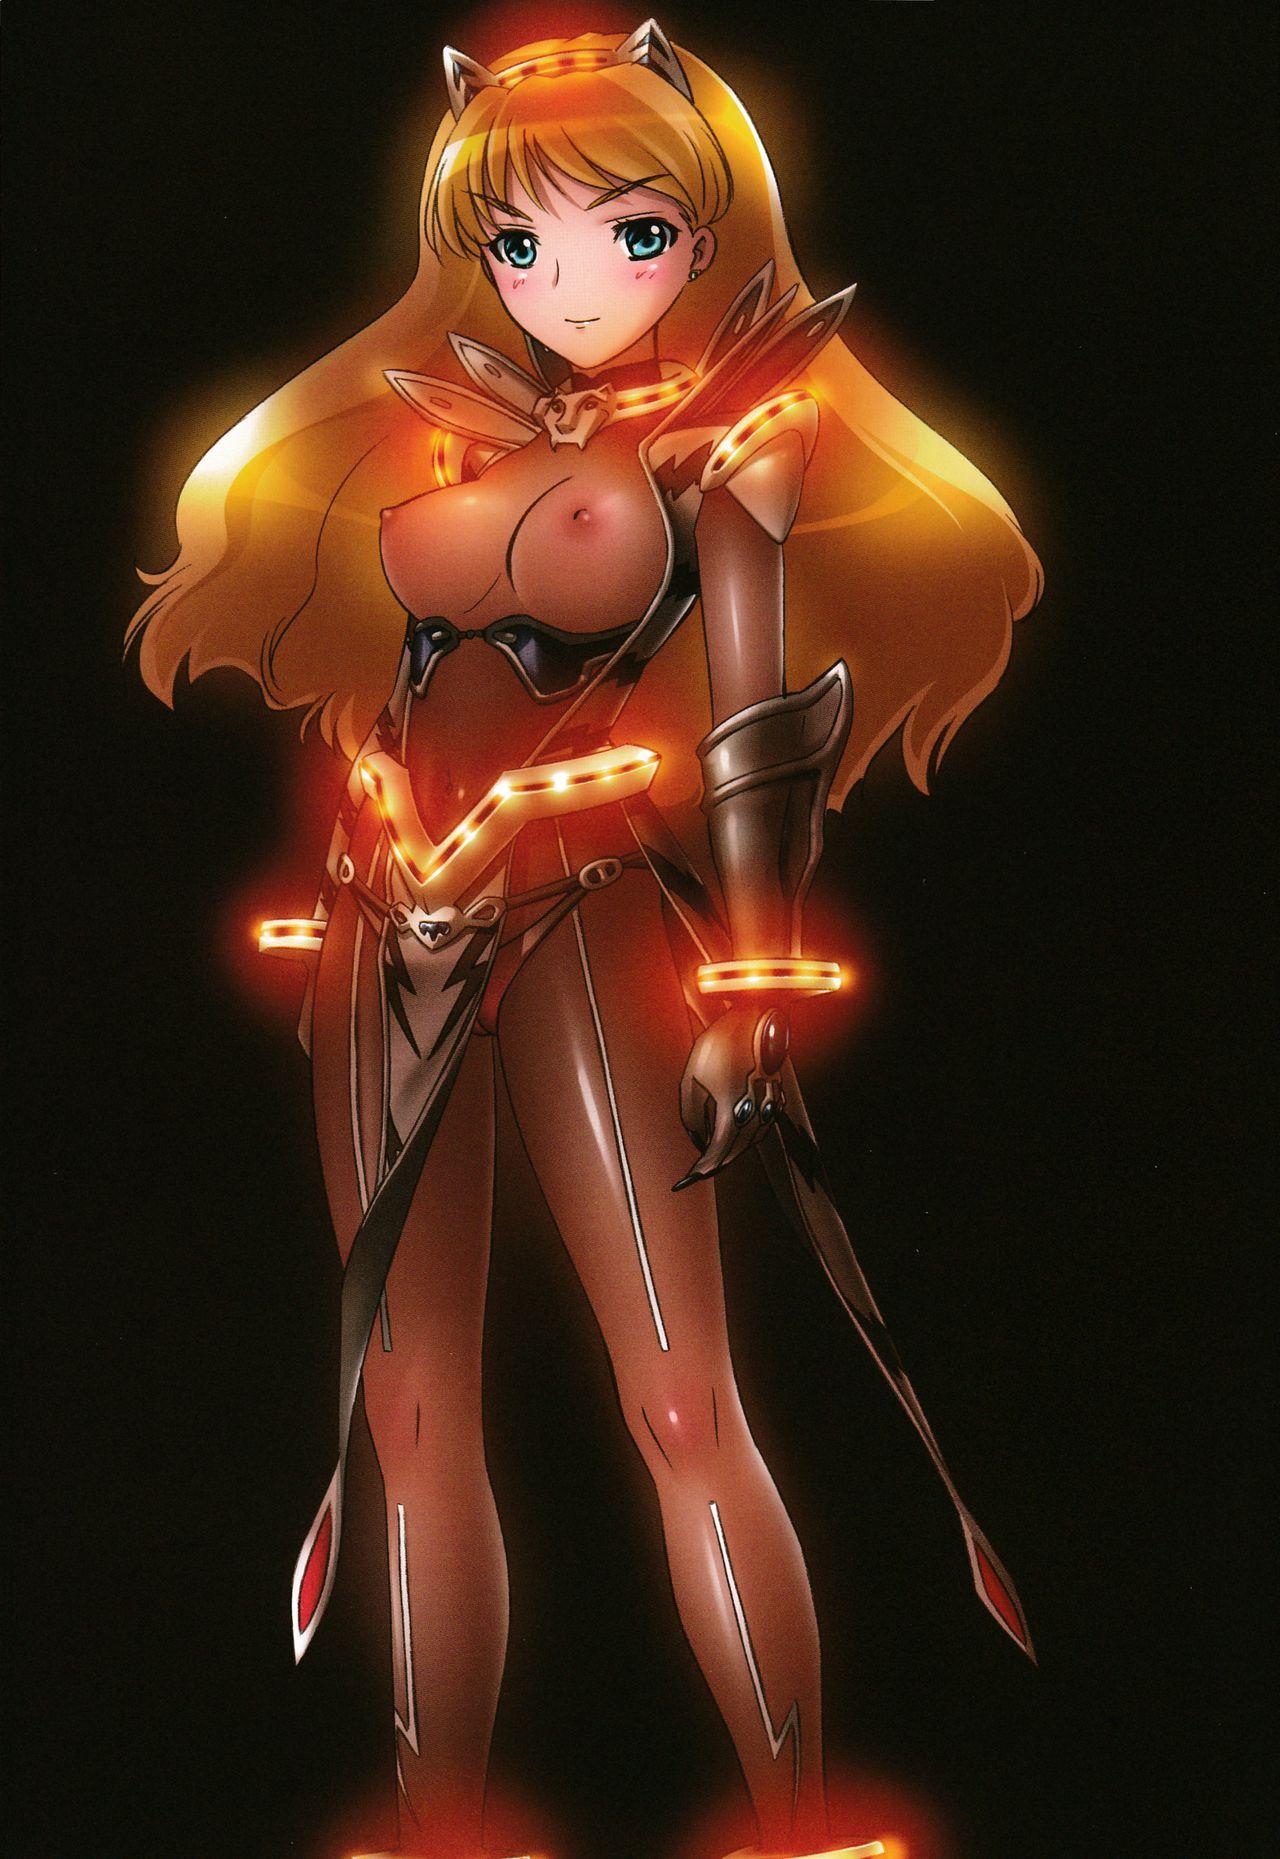 (C75) [Takahashi Record-ten (Takahashi Record) Eri Nare Naxa! Elina to Reina to H no Hon (Queen's Blade) 18